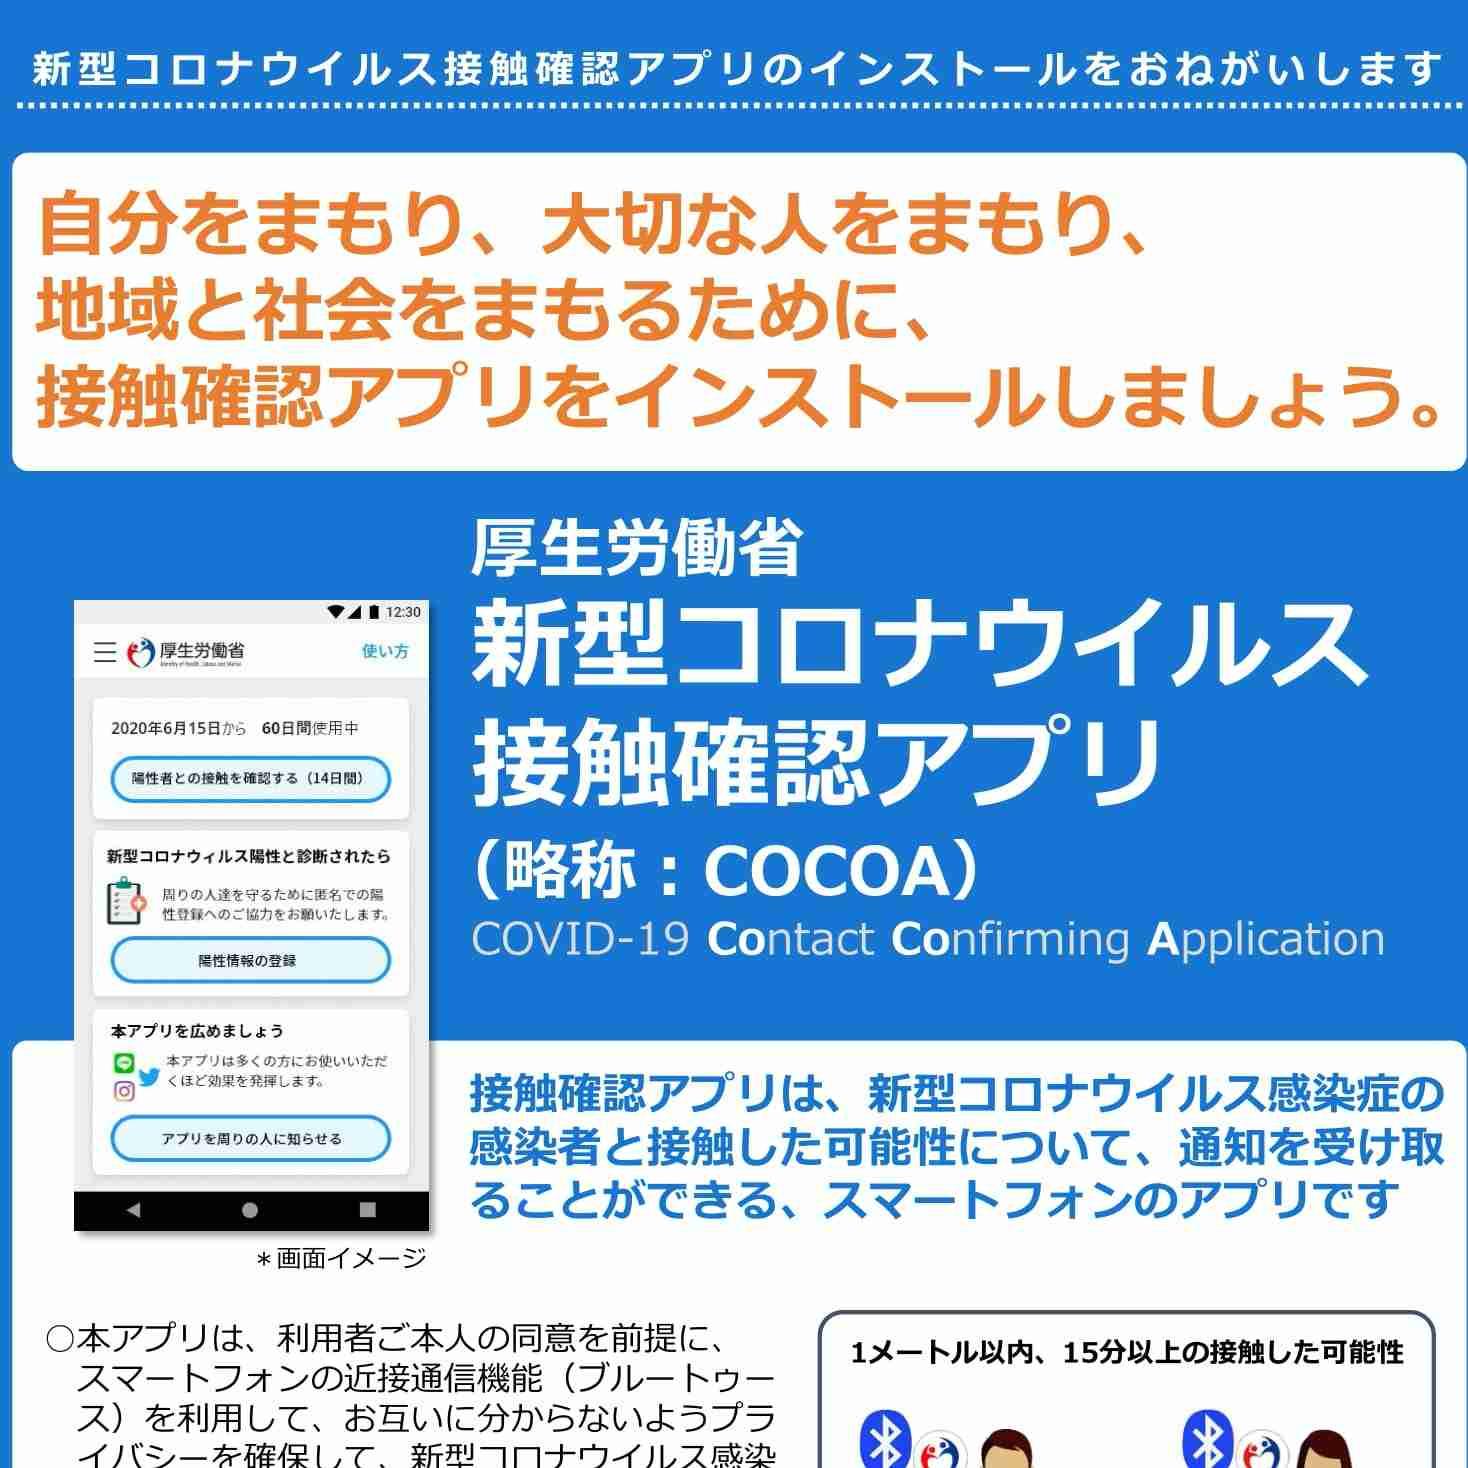 cocoaアプリインストール特典